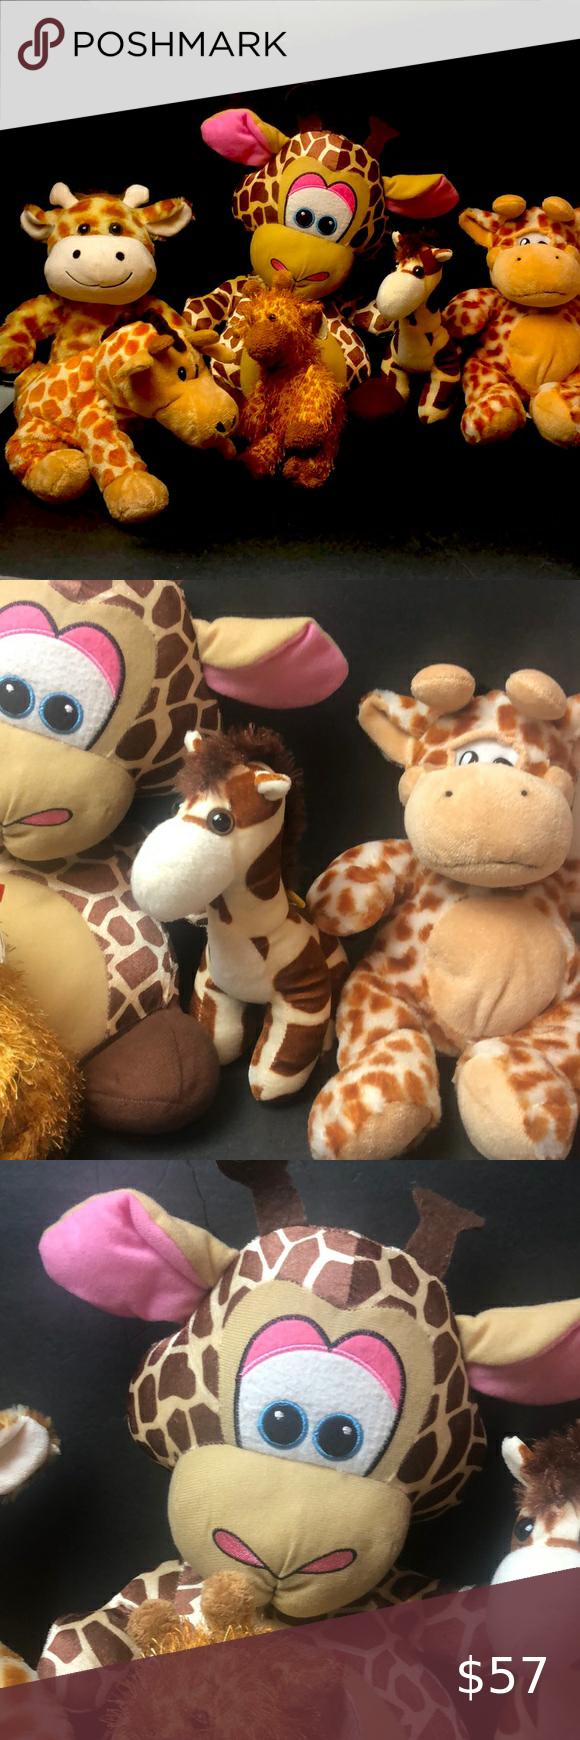 Big Giraffe Zoo Animals Plush Toy Lot Animal Plush Toys Plush Toy Zoo Animals [ 1740 x 580 Pixel ]